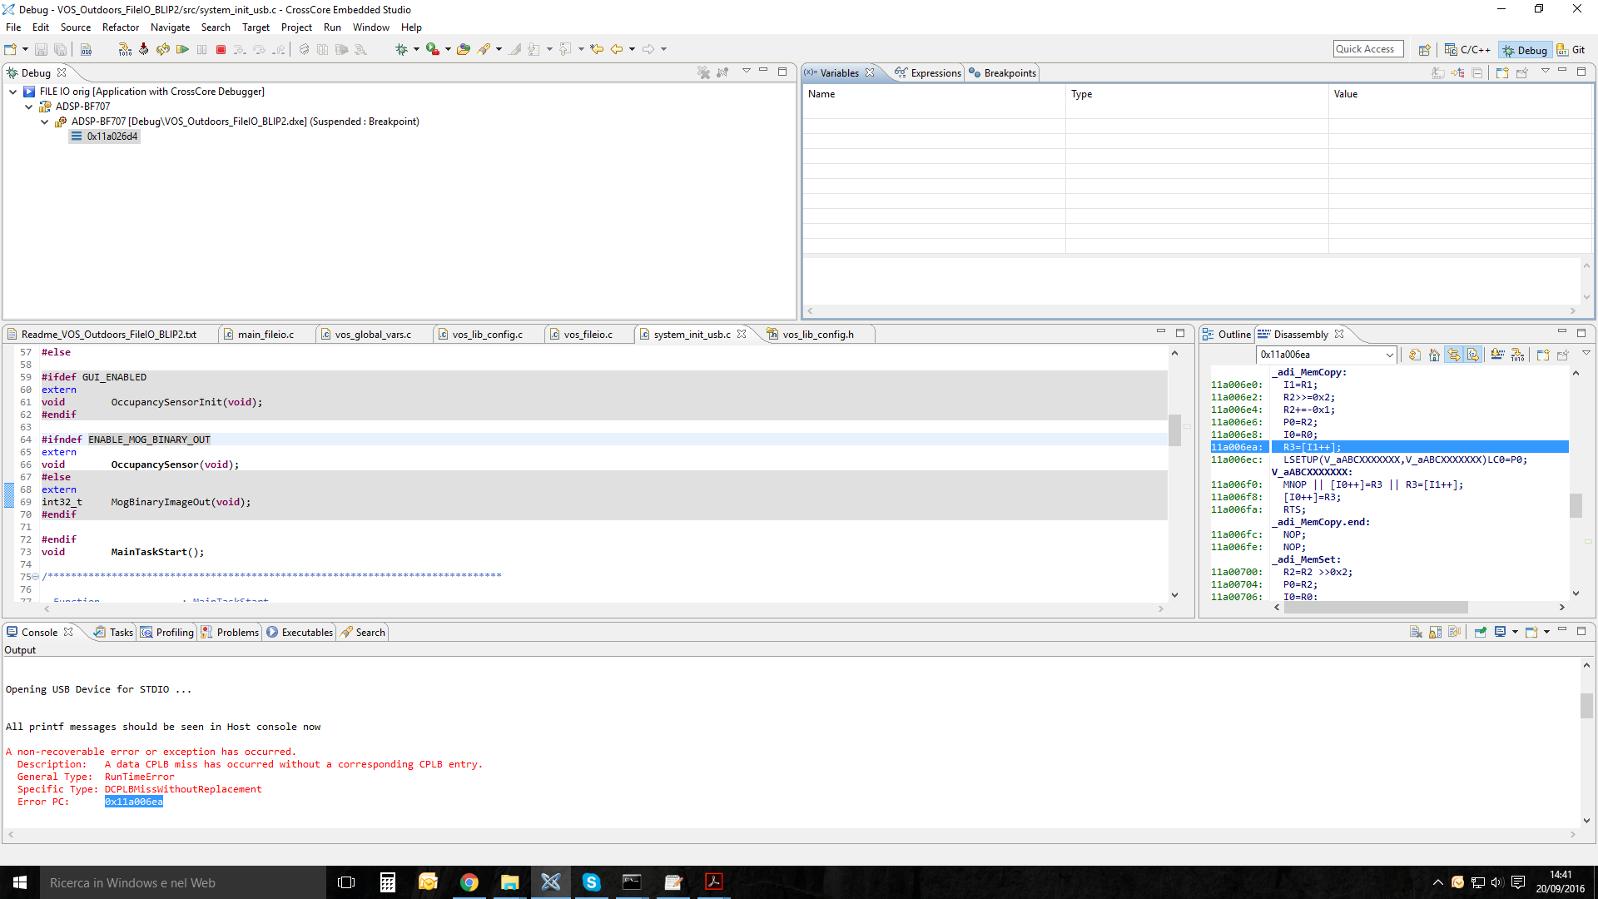 MOG with goVosConfig outputDiffVal = 1 - Q&A - Video